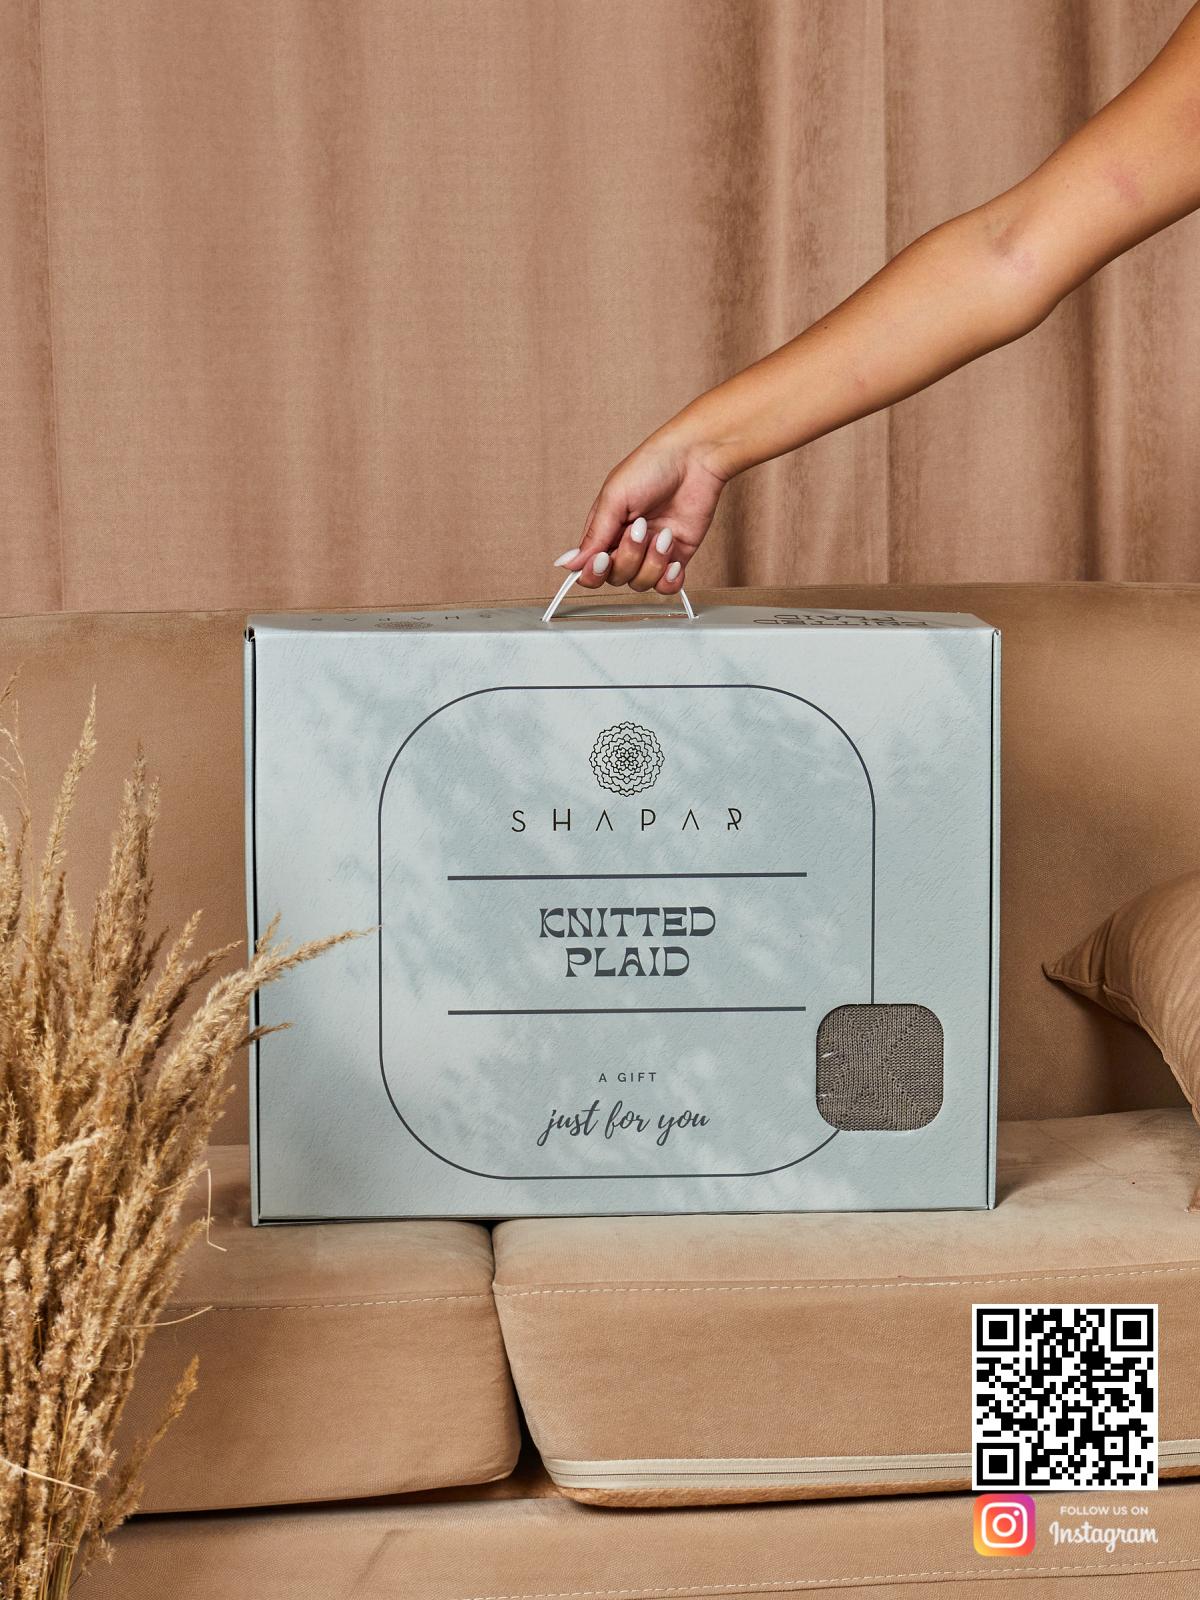 На второй фотографии вязаный плед ромбами в подарочной упаковке в интернет-магазине Shapar, бренда трикотажа и связанной одежды ручной работы.